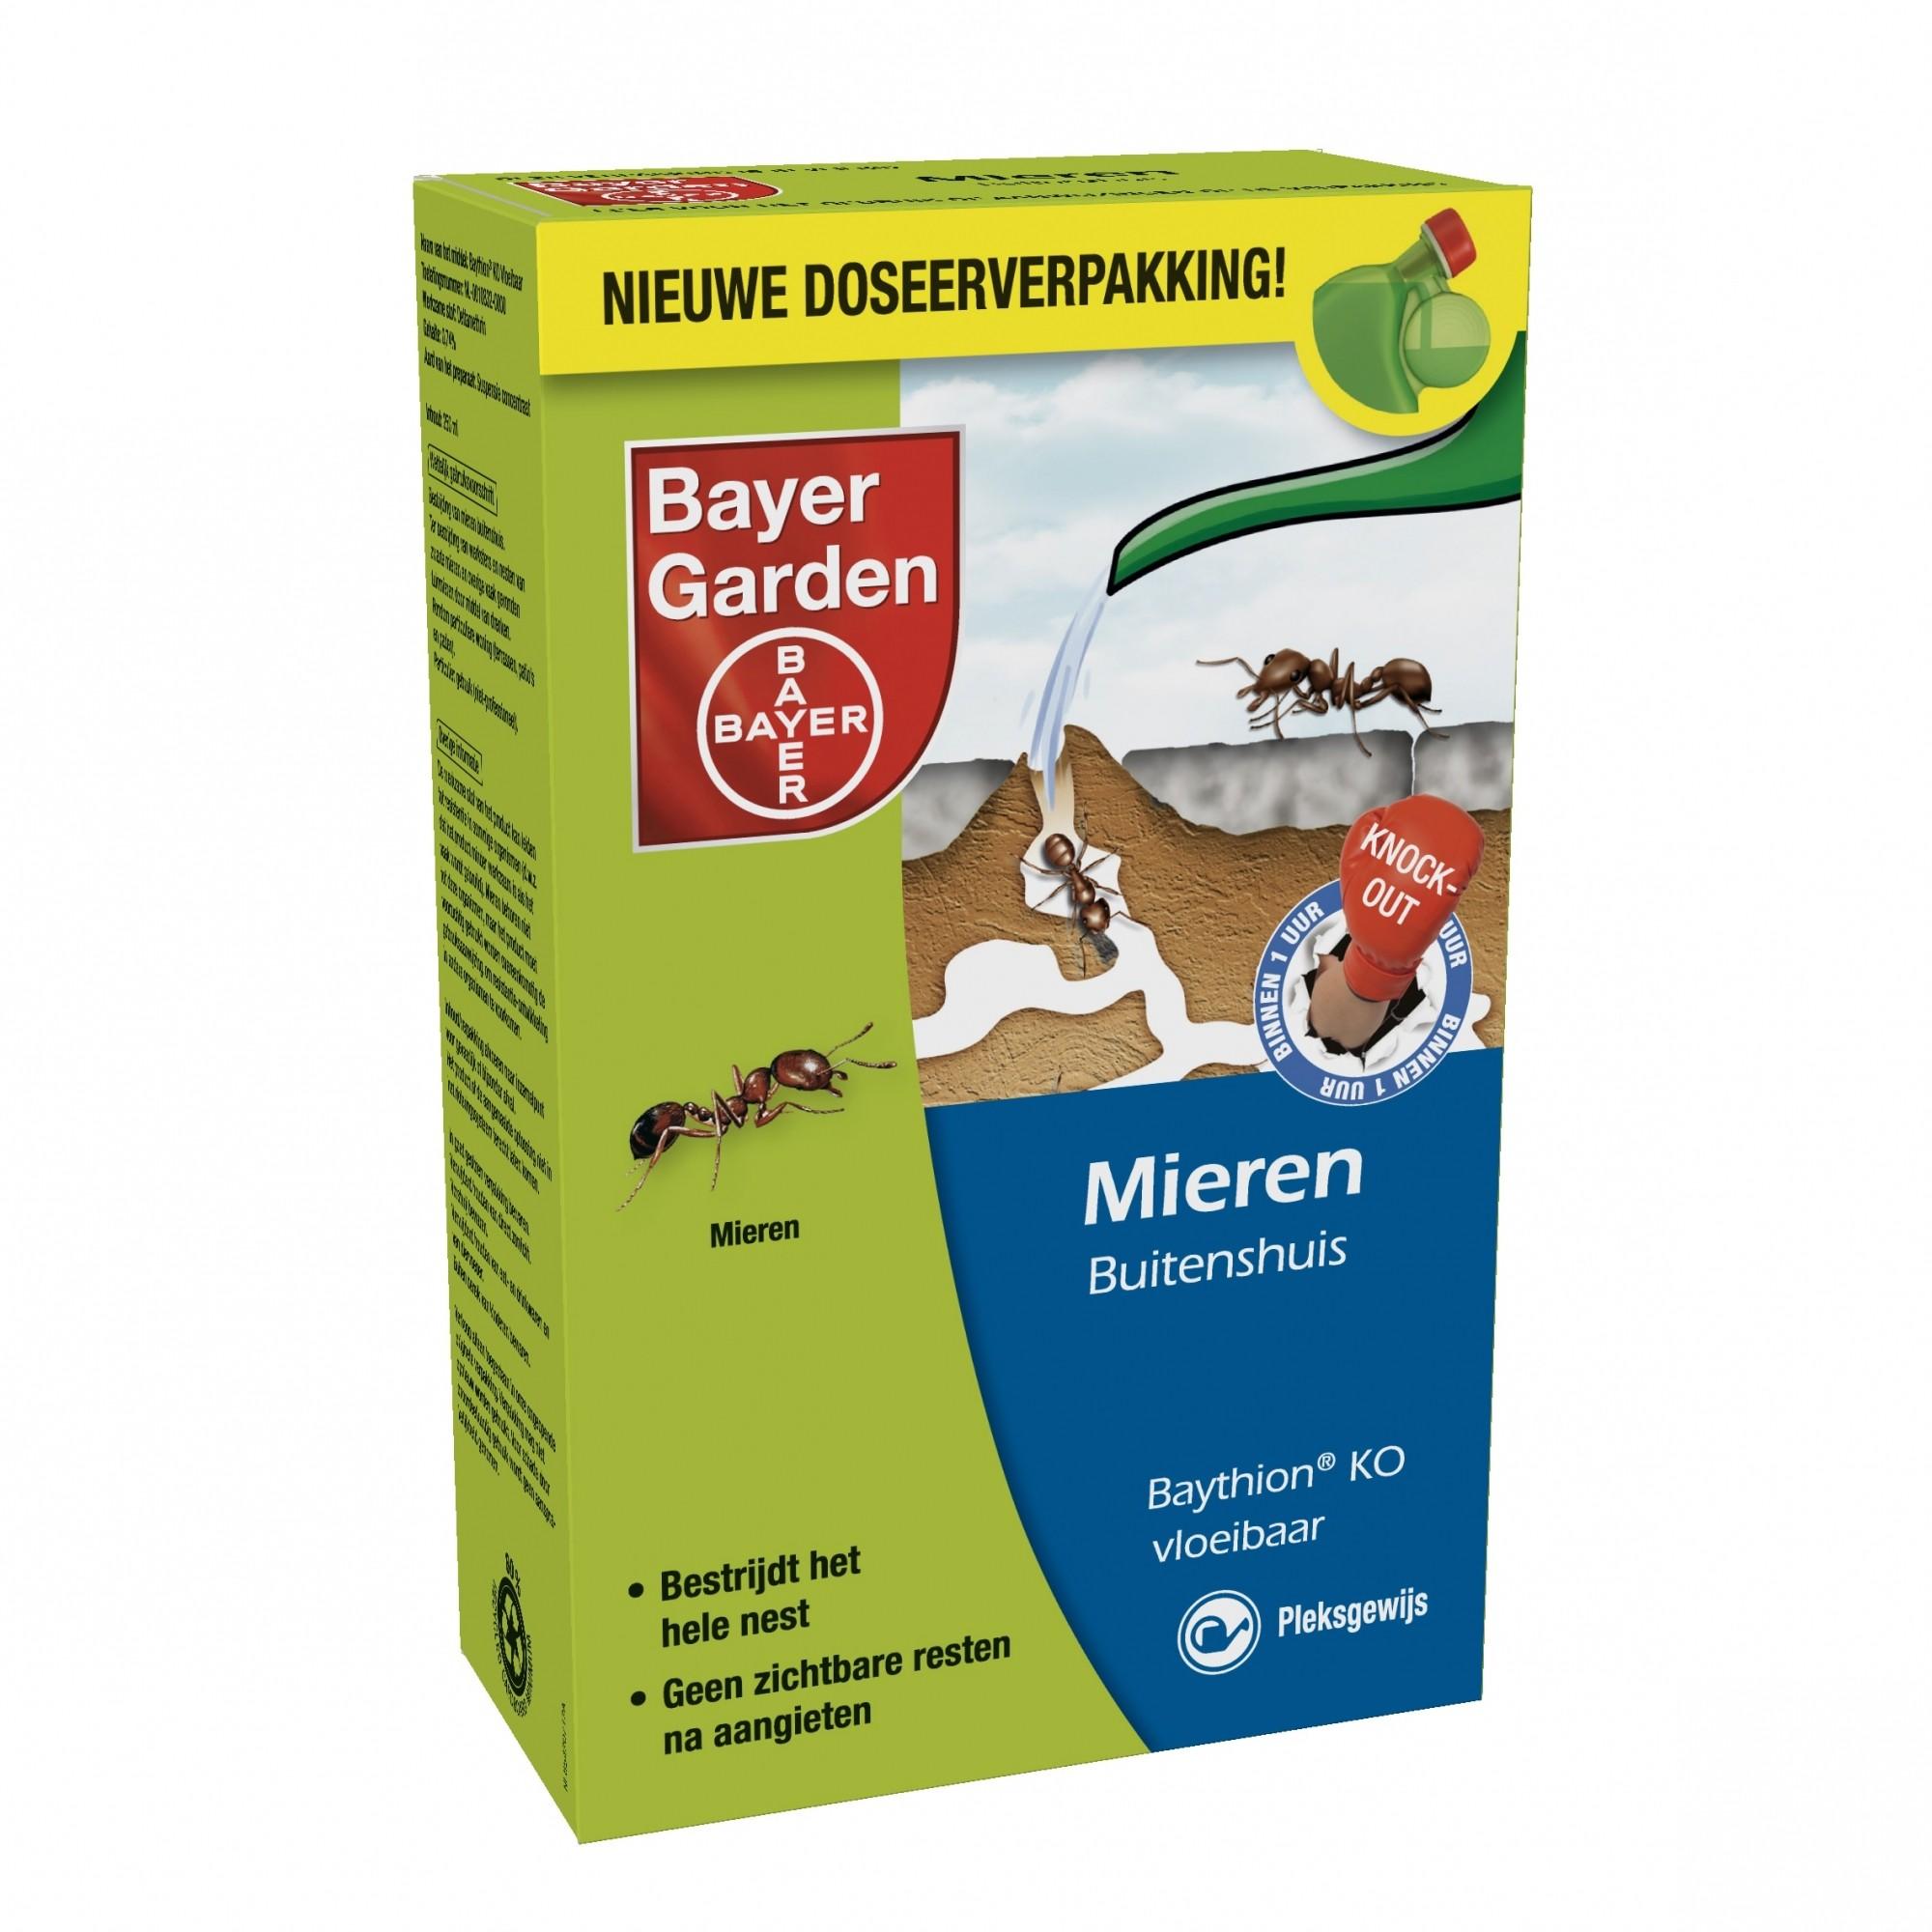 Bayer Baythion KO vloeibaar tegen mieren + gratis gieter